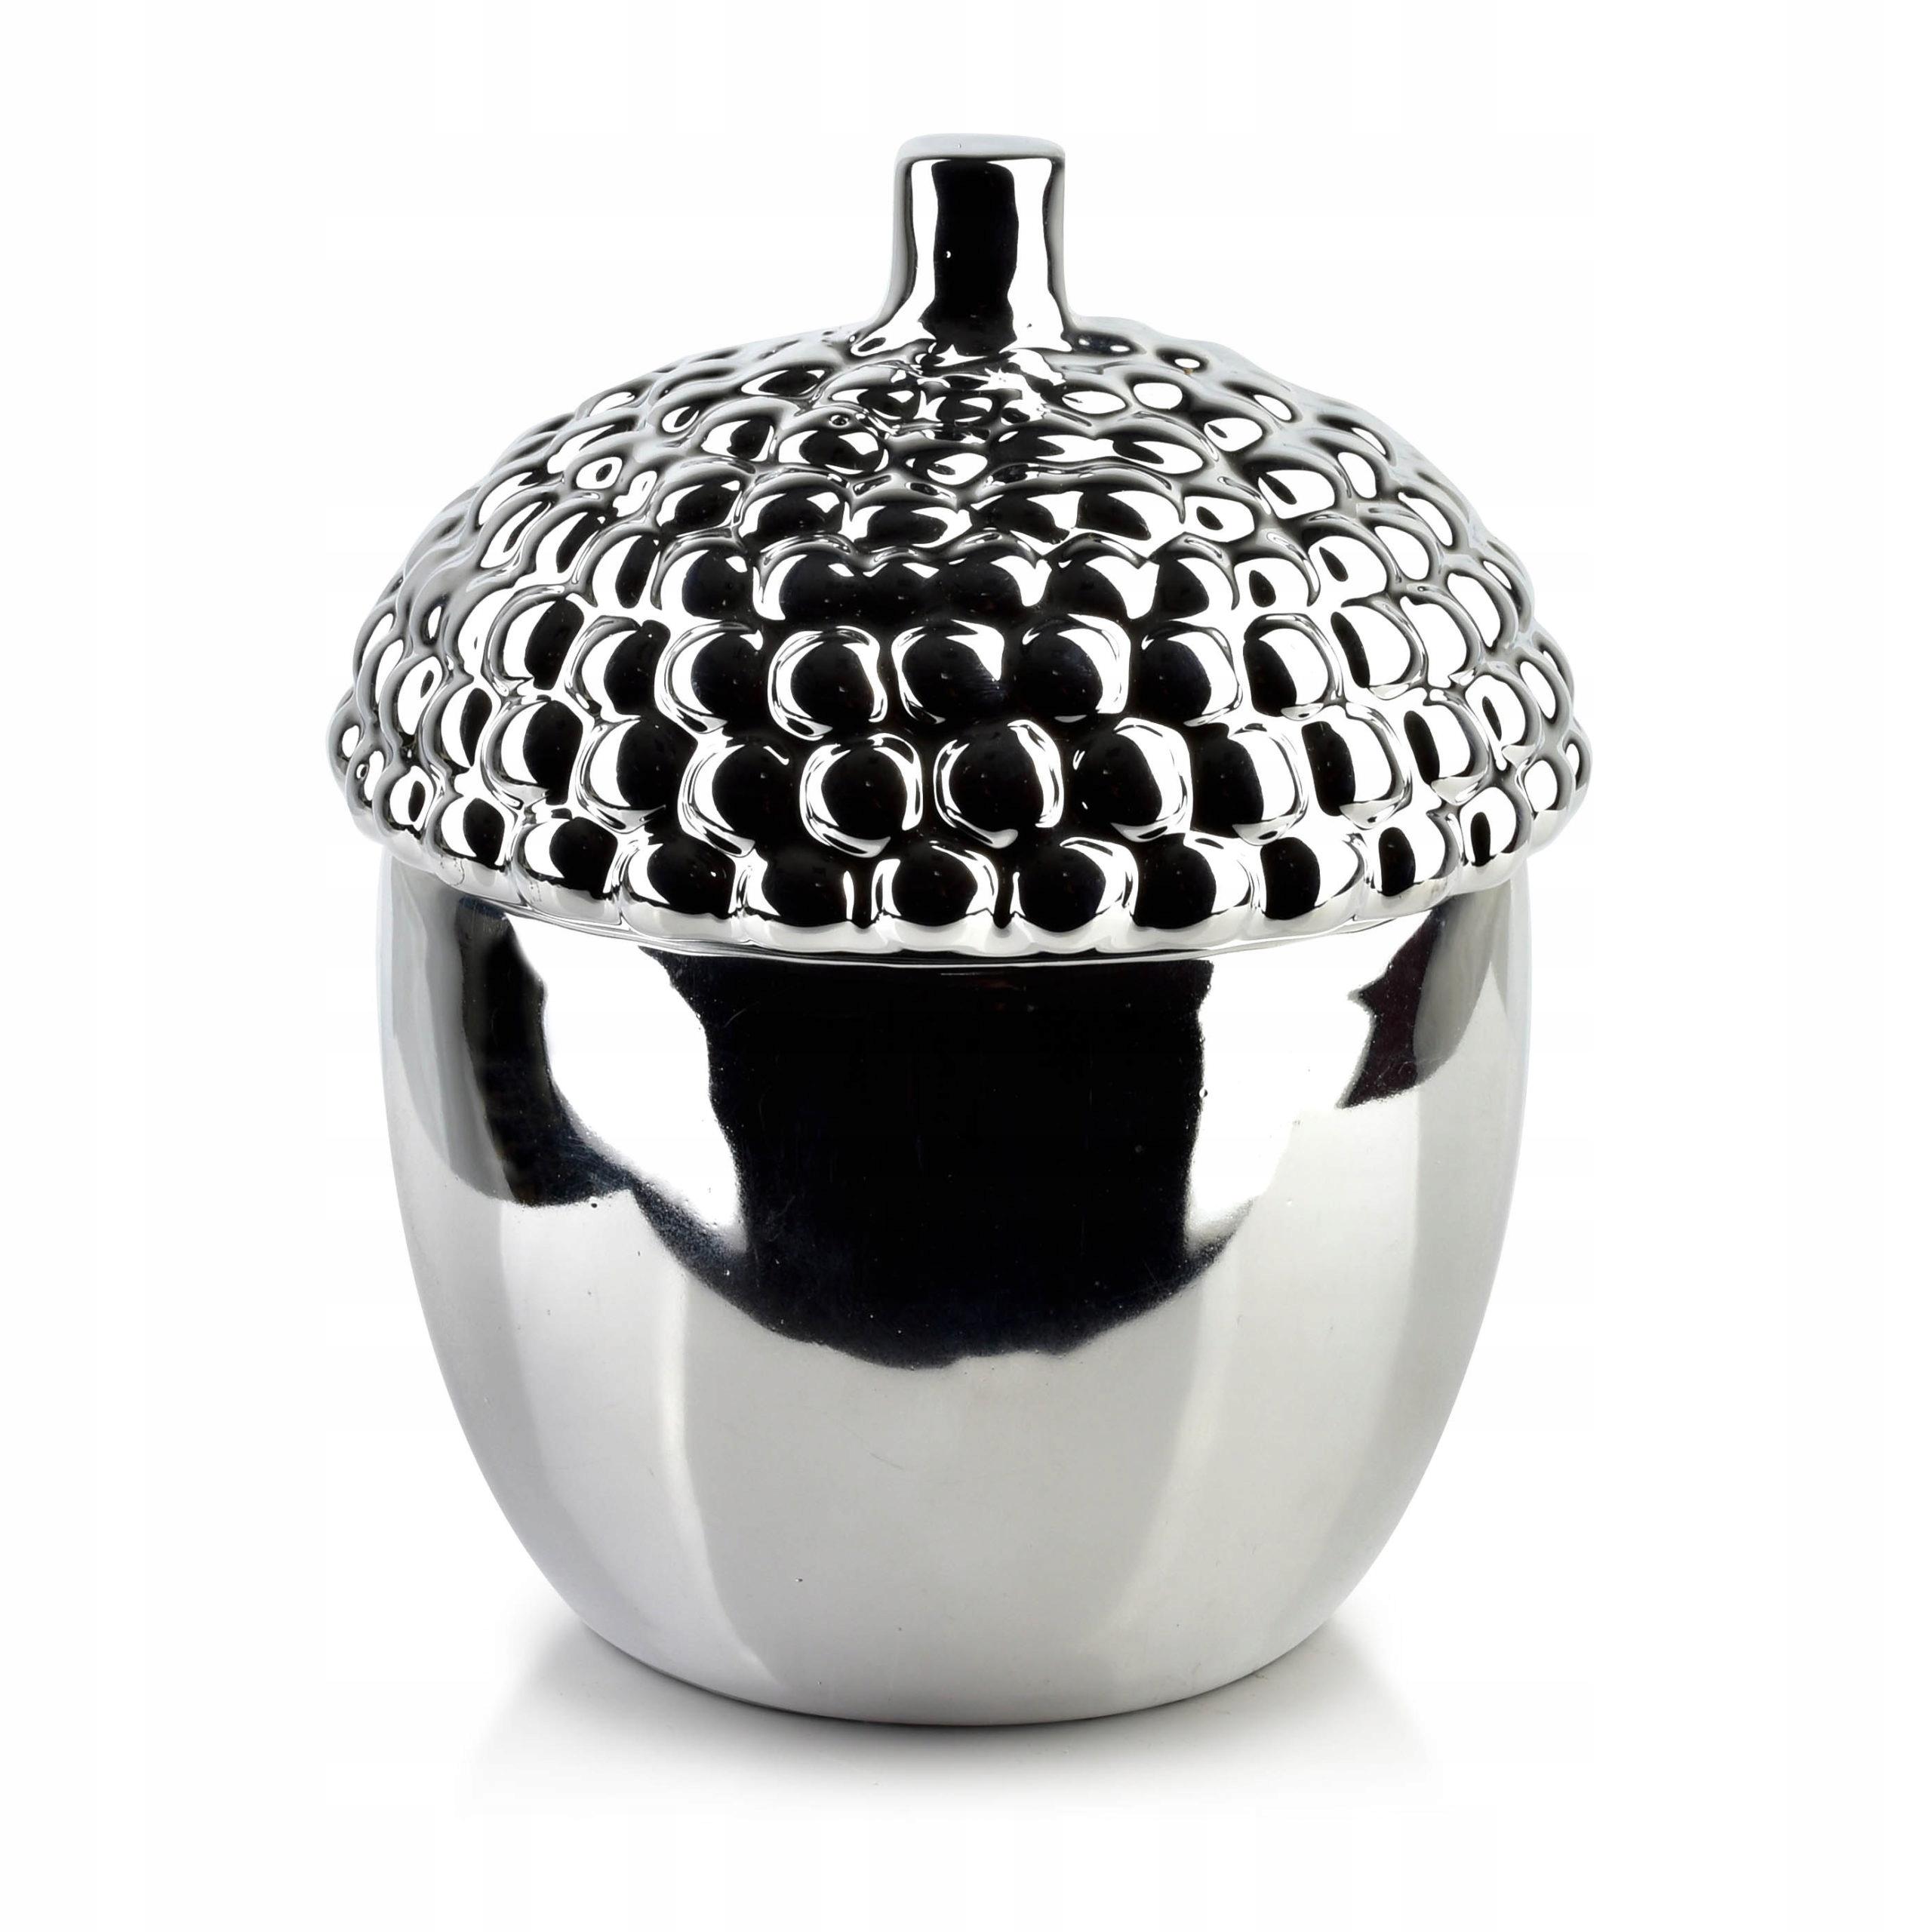 РОЖДЕСТВЕНСКИЙ керамический декор. Контейнер для желудей.